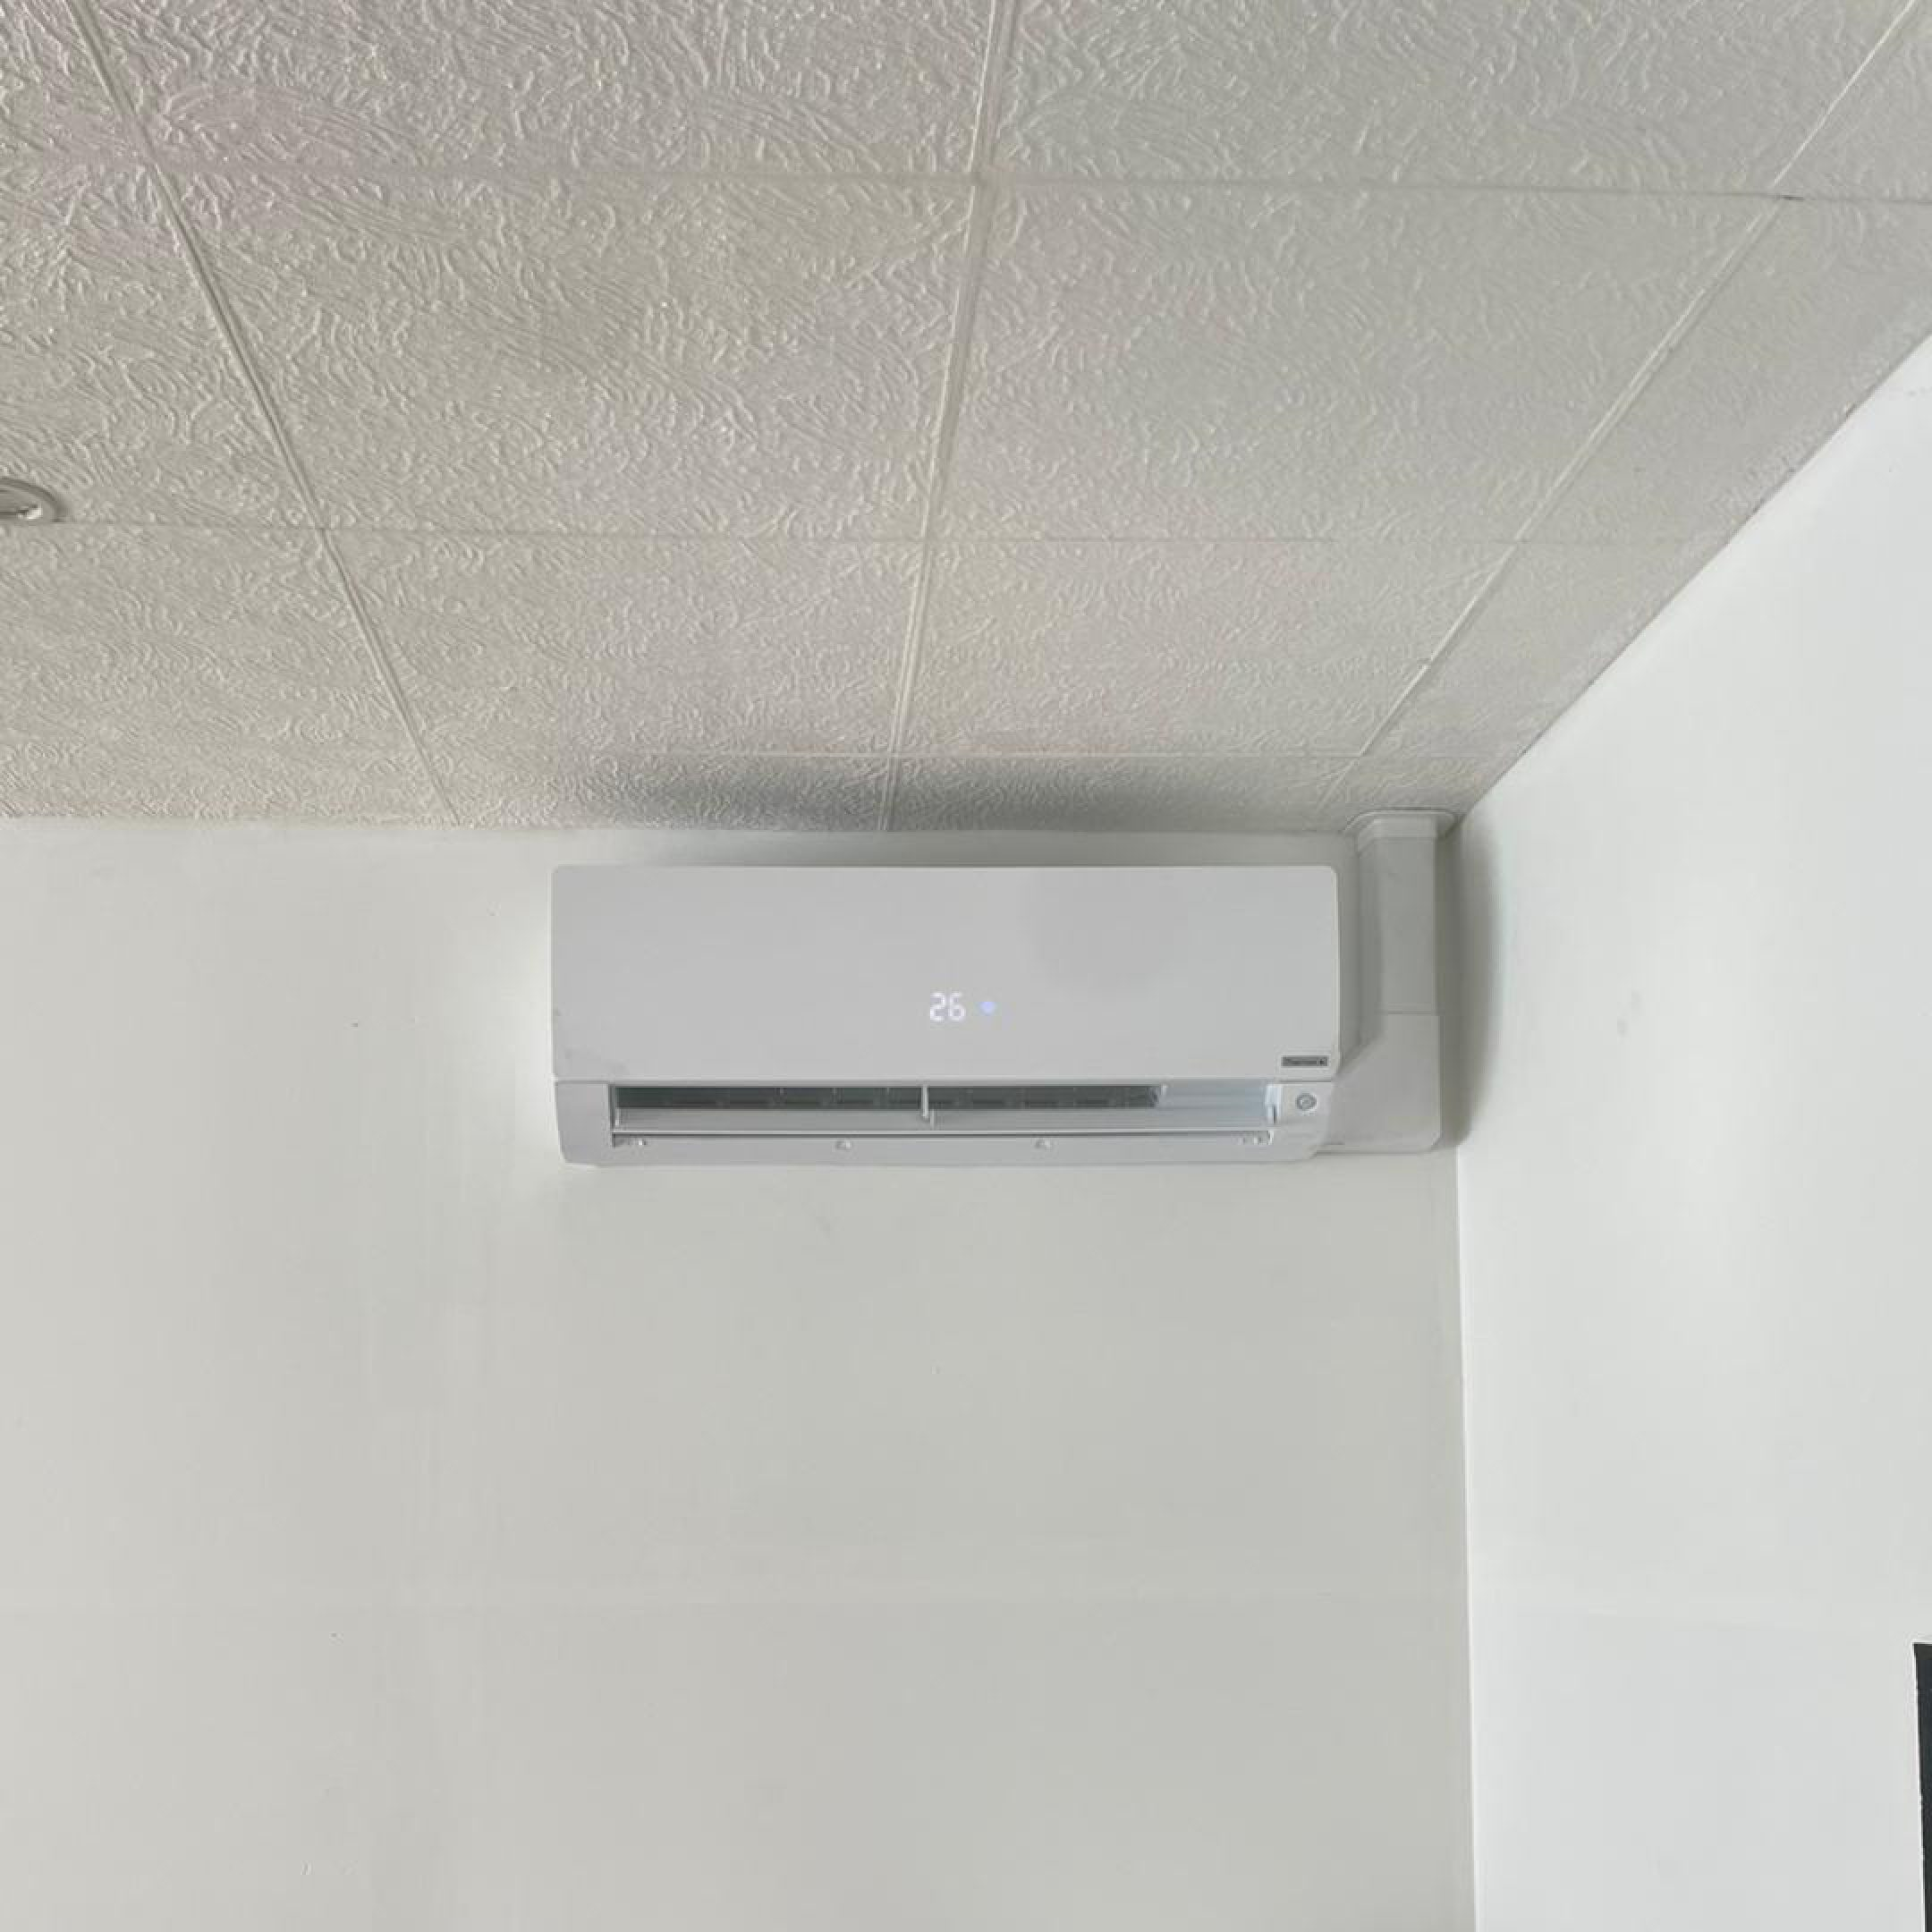 Nos réalisations de pompes à chaleur Air / Air 21